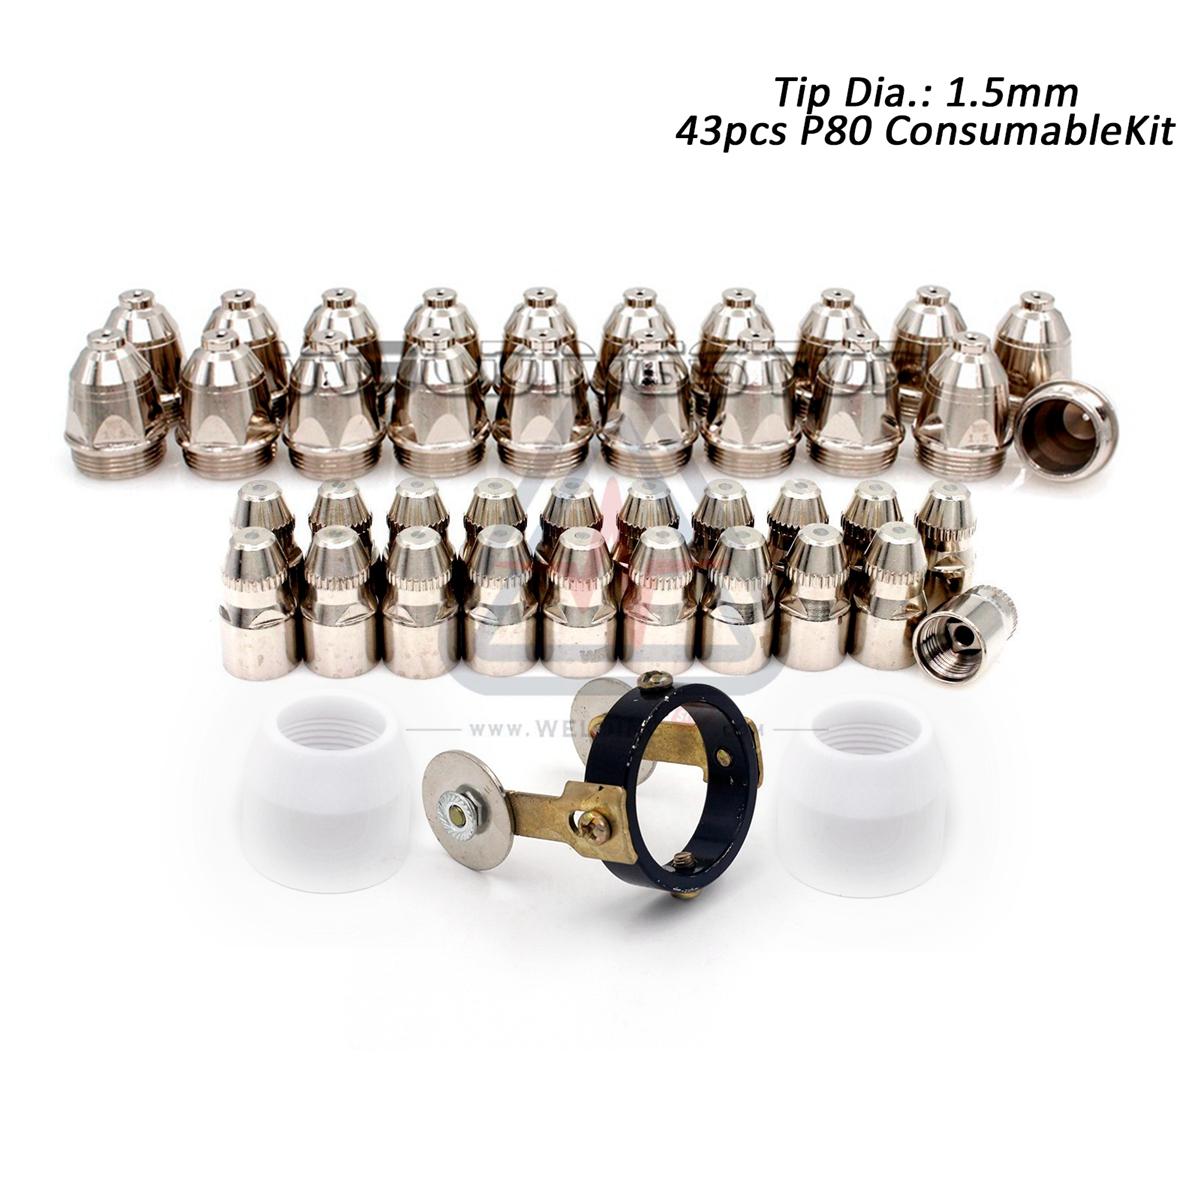 50pcs Nozzle Tips 1.3mm for P-80 P80 Plasma Cutting Torch LGK63 LGK80 LGK100